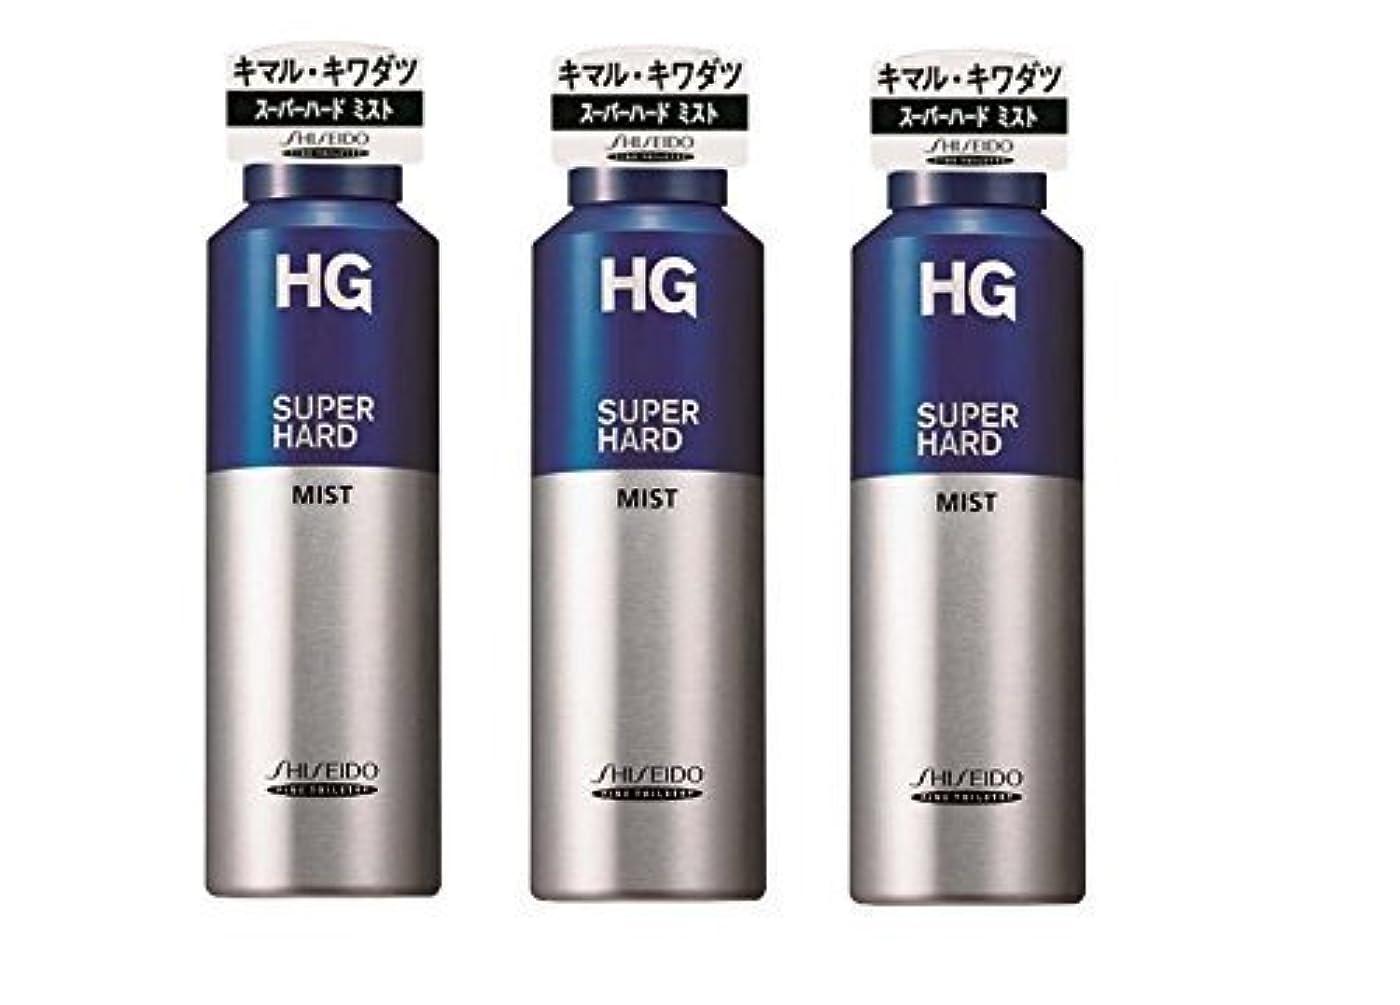 夢中内部りんご【まとめ買い】HG スーパーハード ミスト 150g×3個